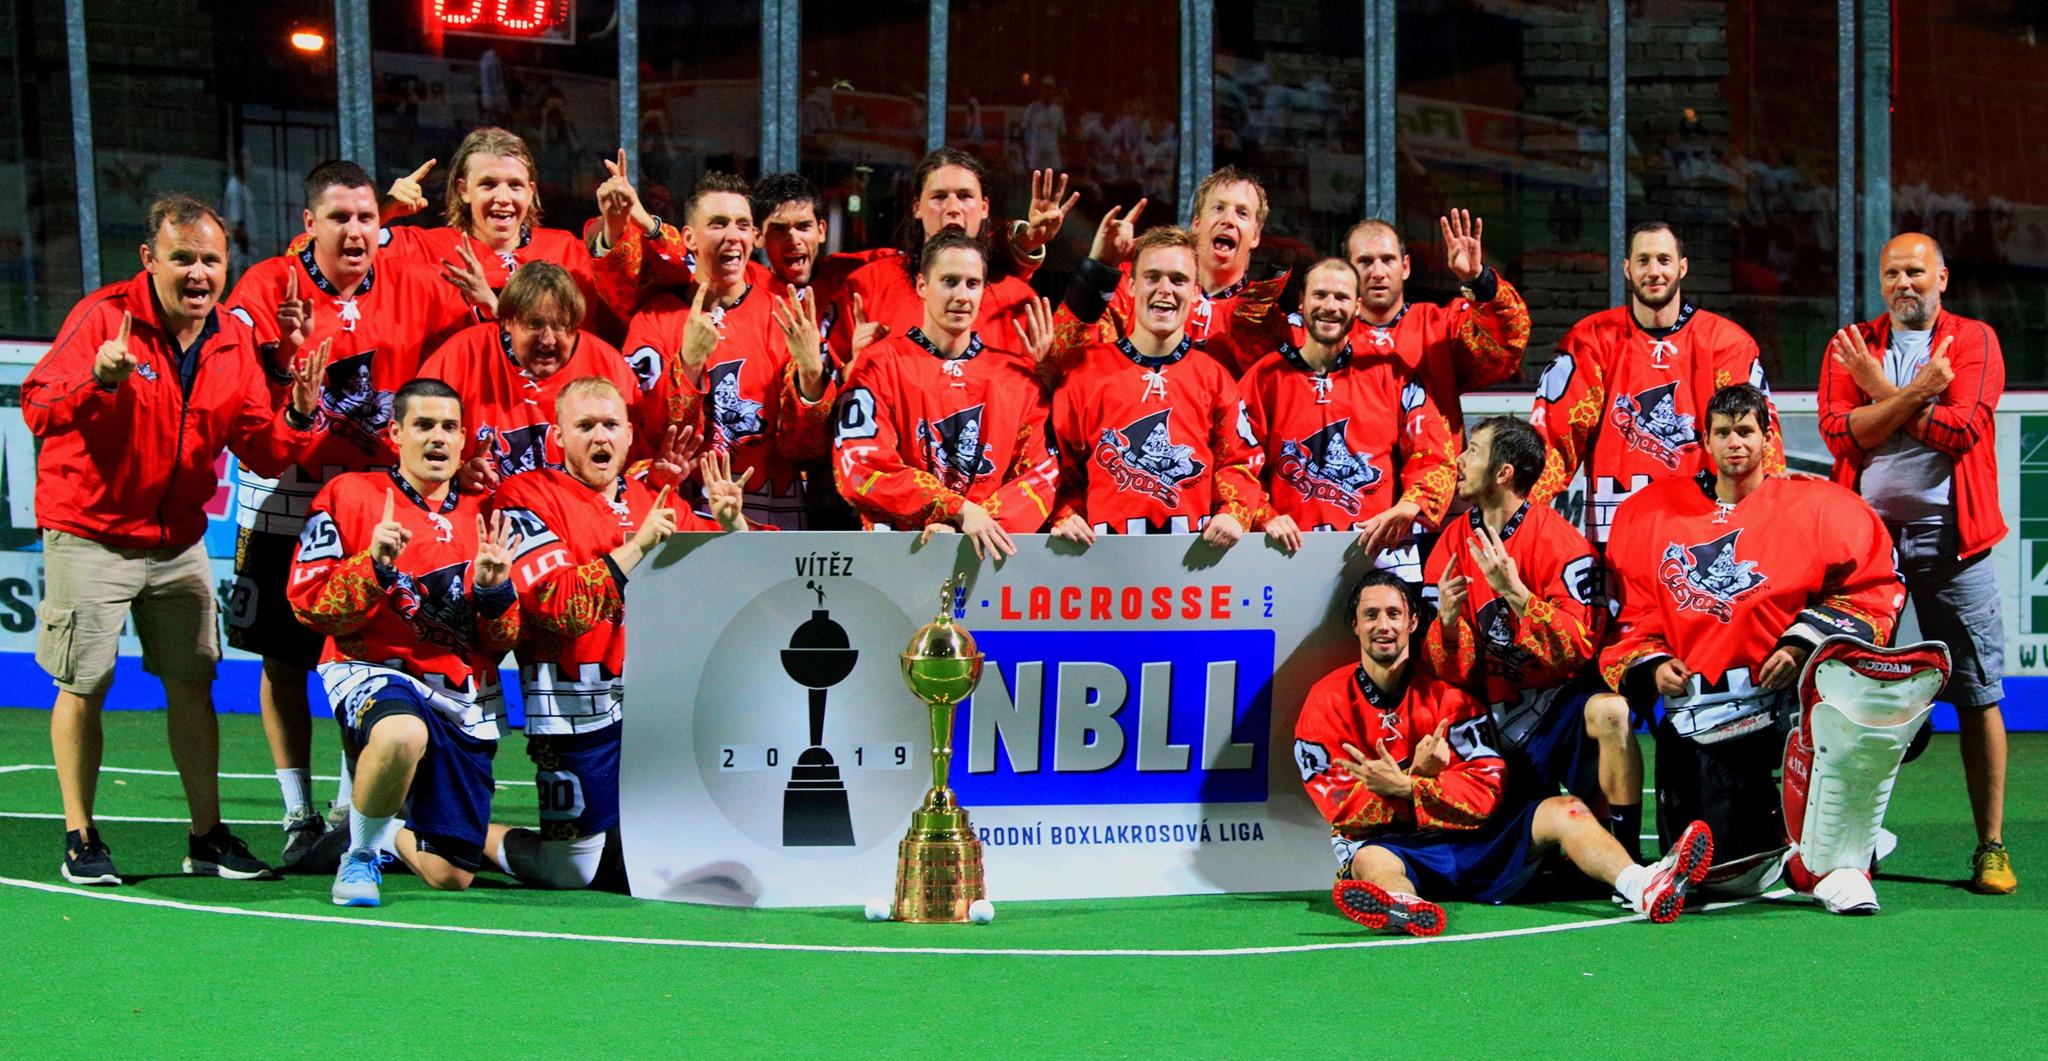 National Box Lacrosse League